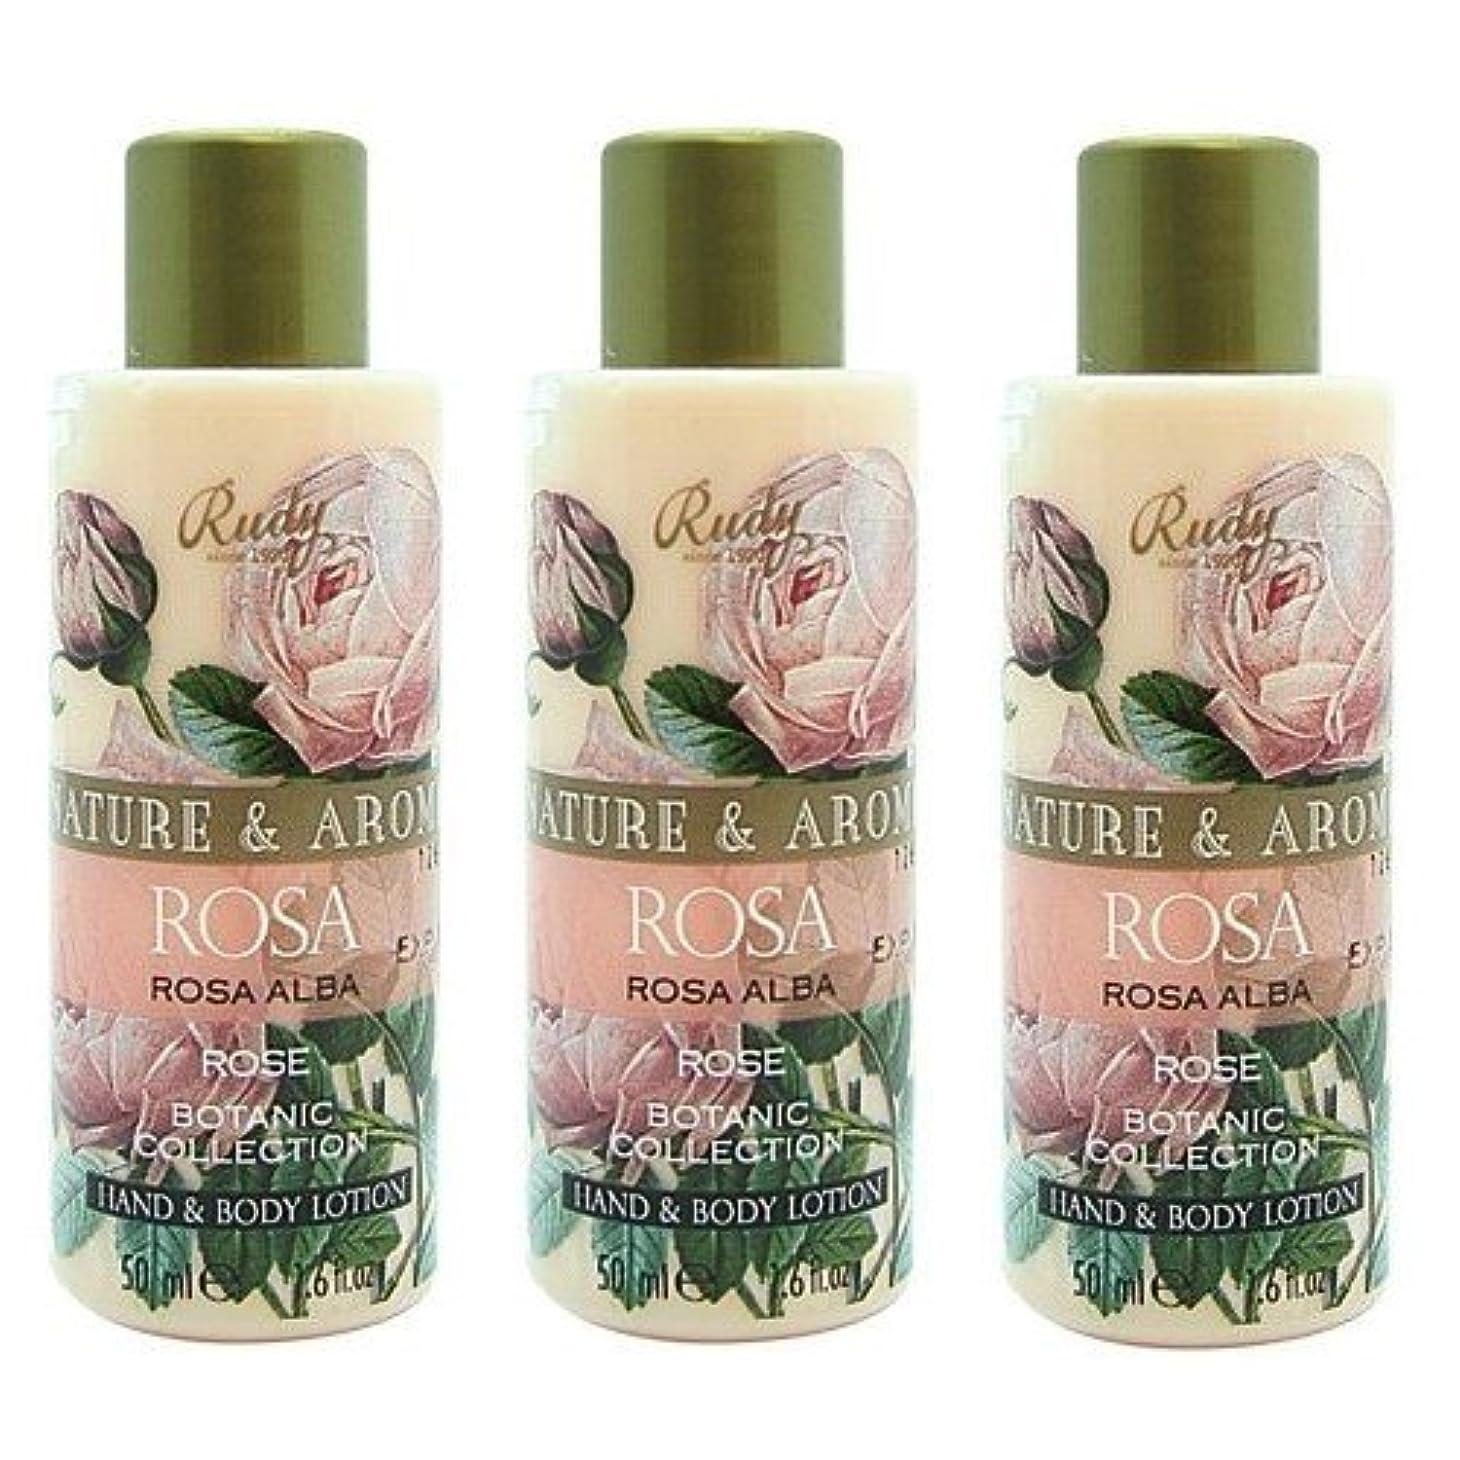 ピーク不利噛む(3個セット)RUDY Nature&Arome SERIES ルディ ナチュール&アロマ Mini Body lotion ミニボディローション ローズ